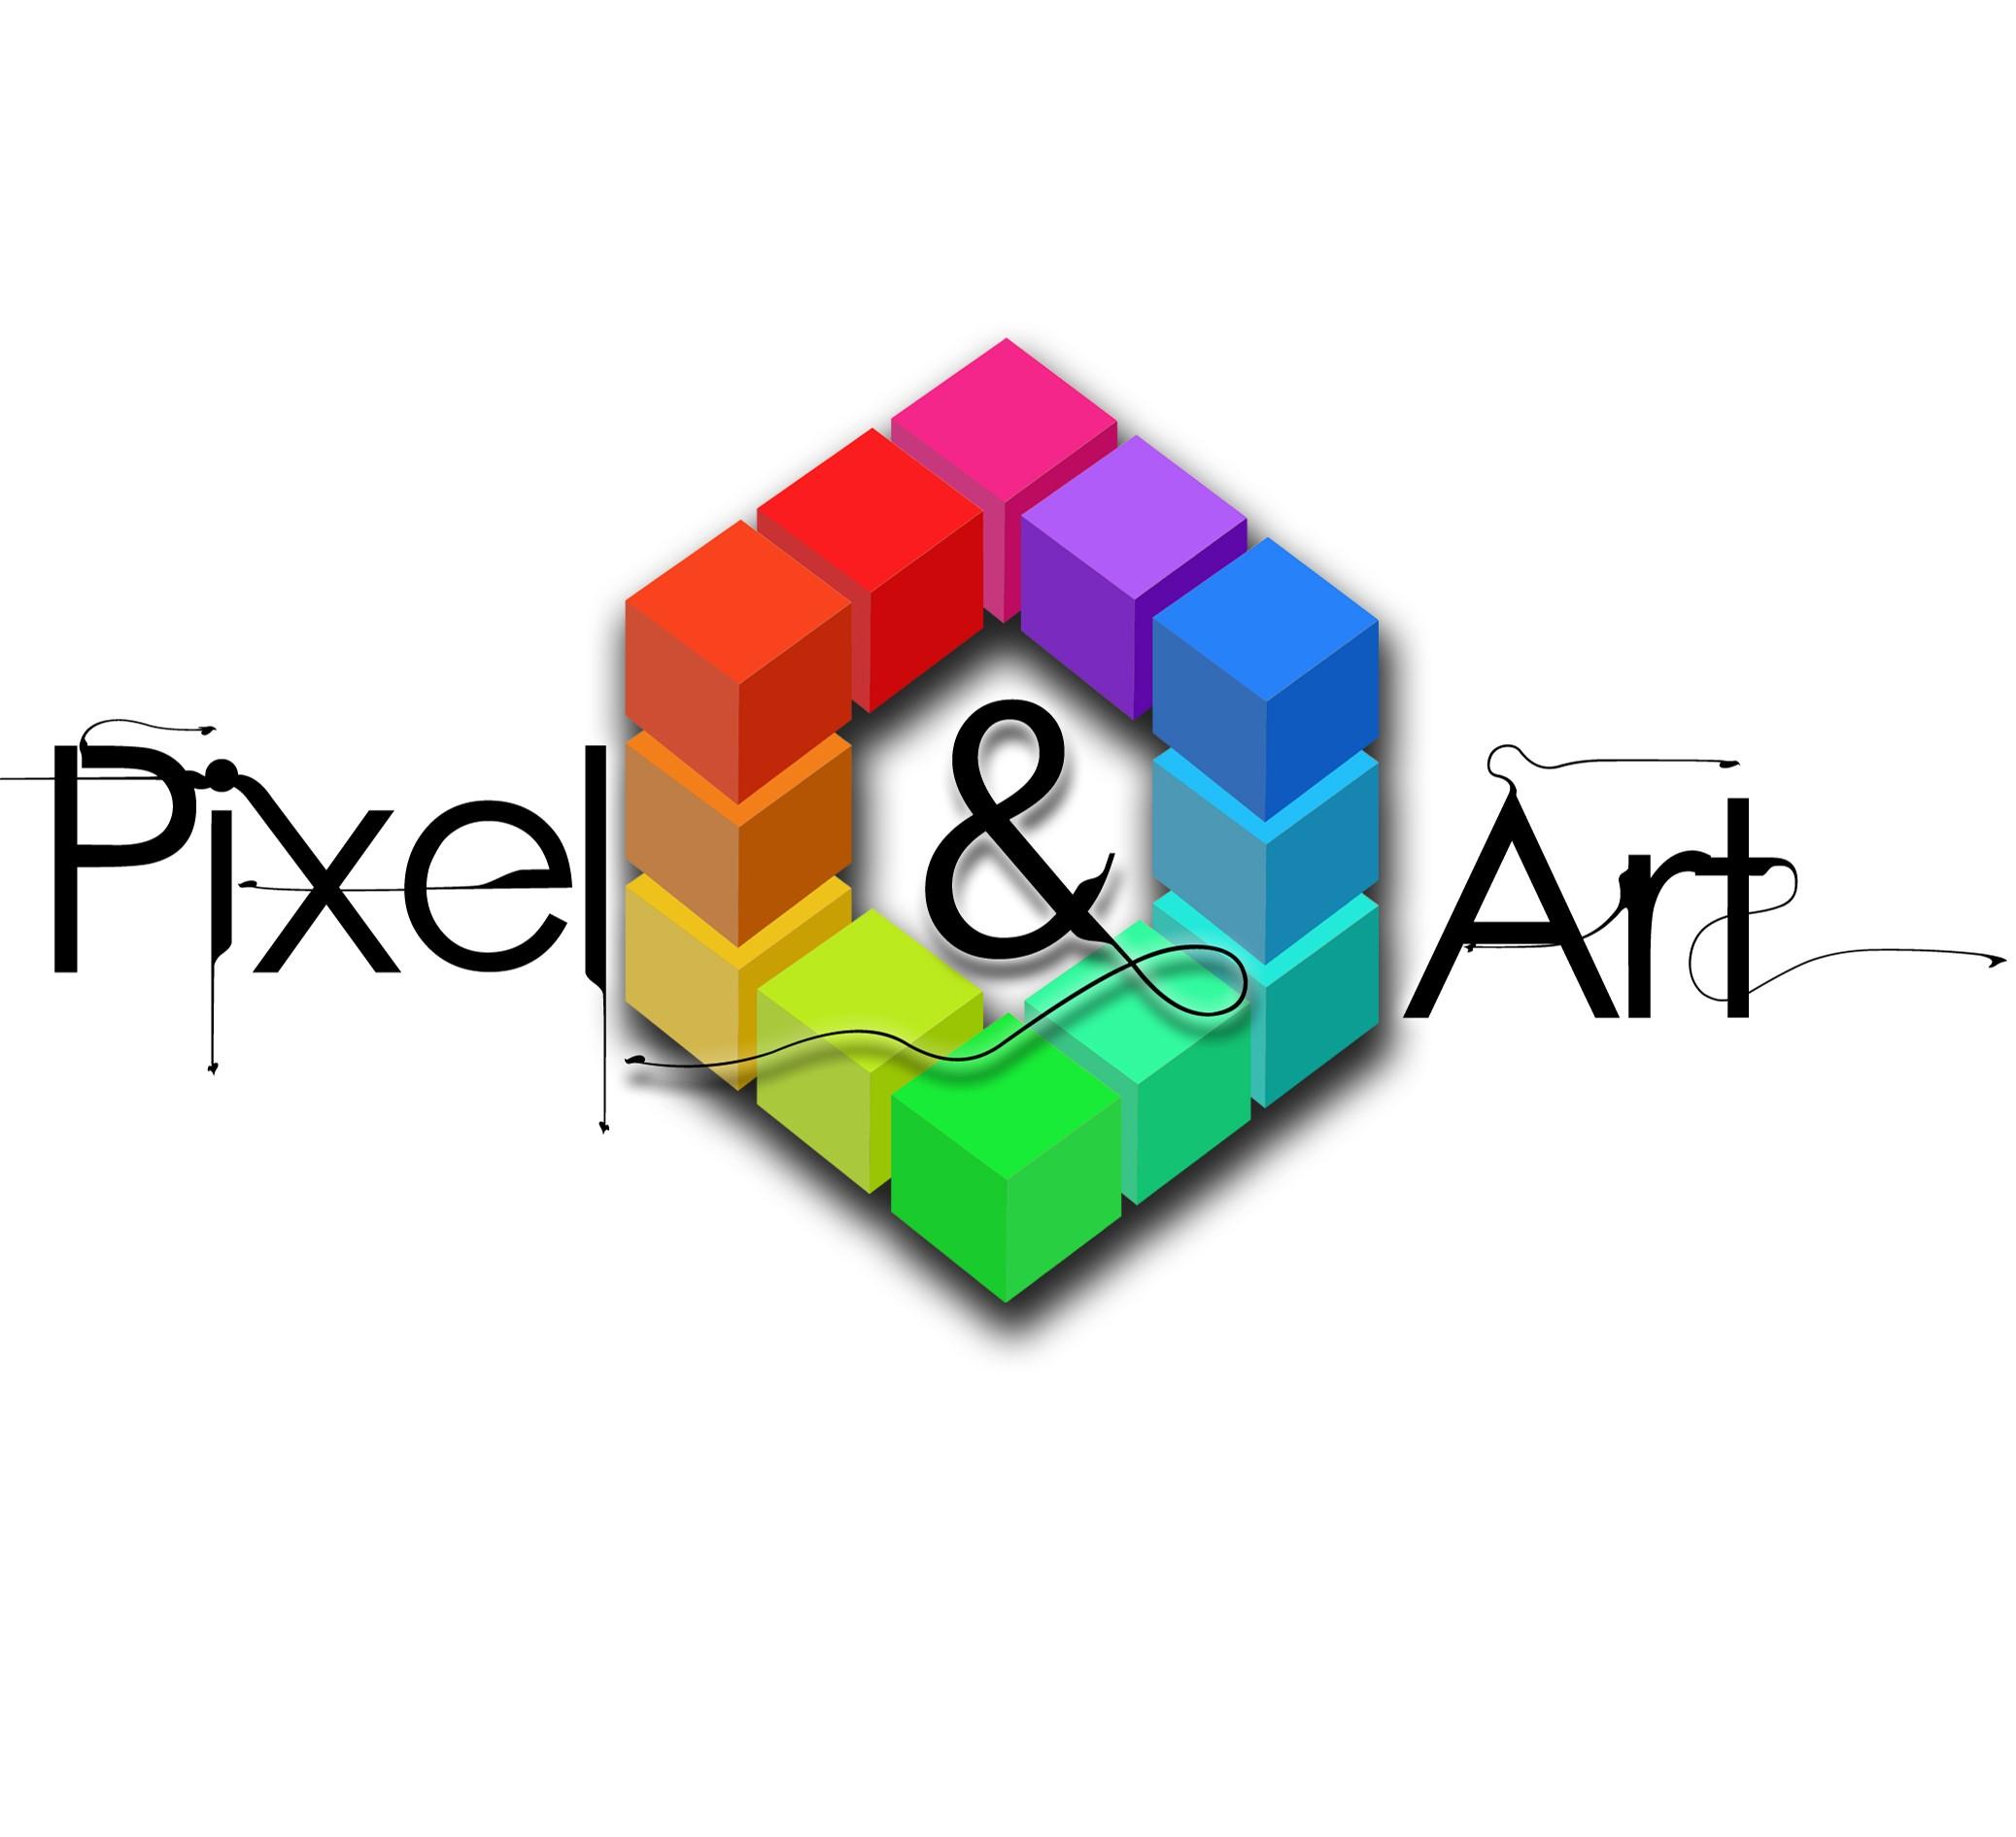 Pixel & Art